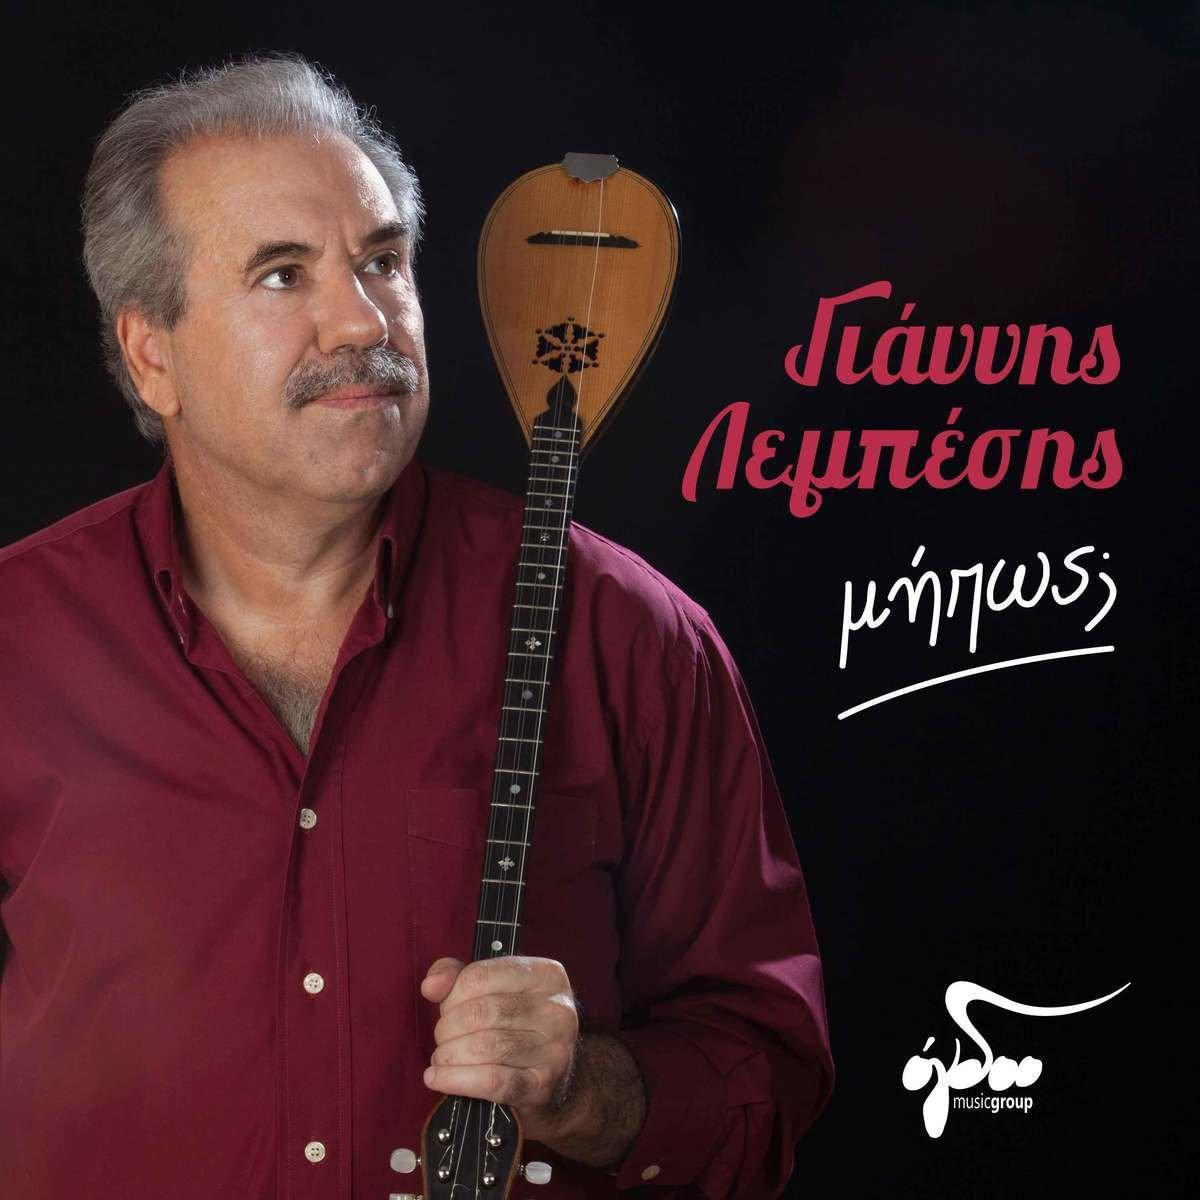 LEMPESHS MHPWS